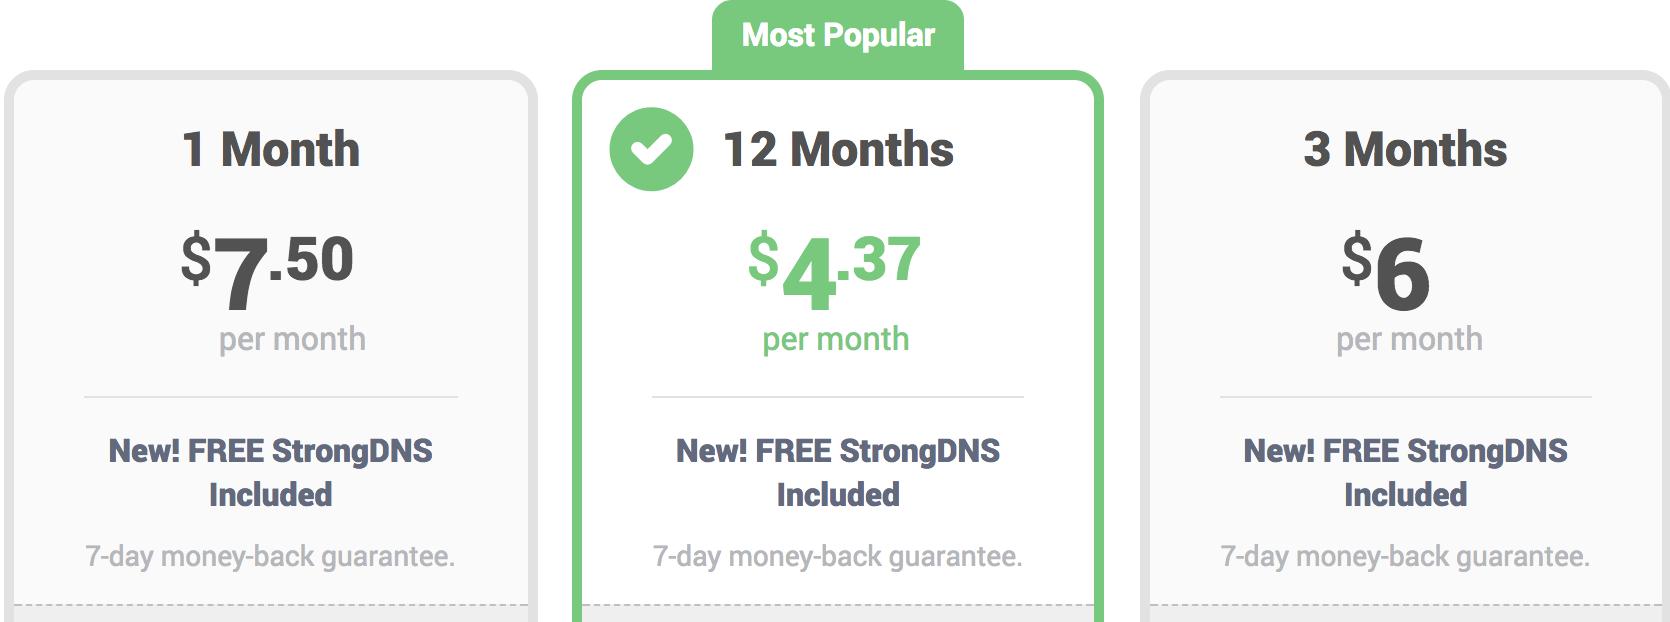 strongvpn discount, strongvpn discount coupon, strongvpn discount 2018